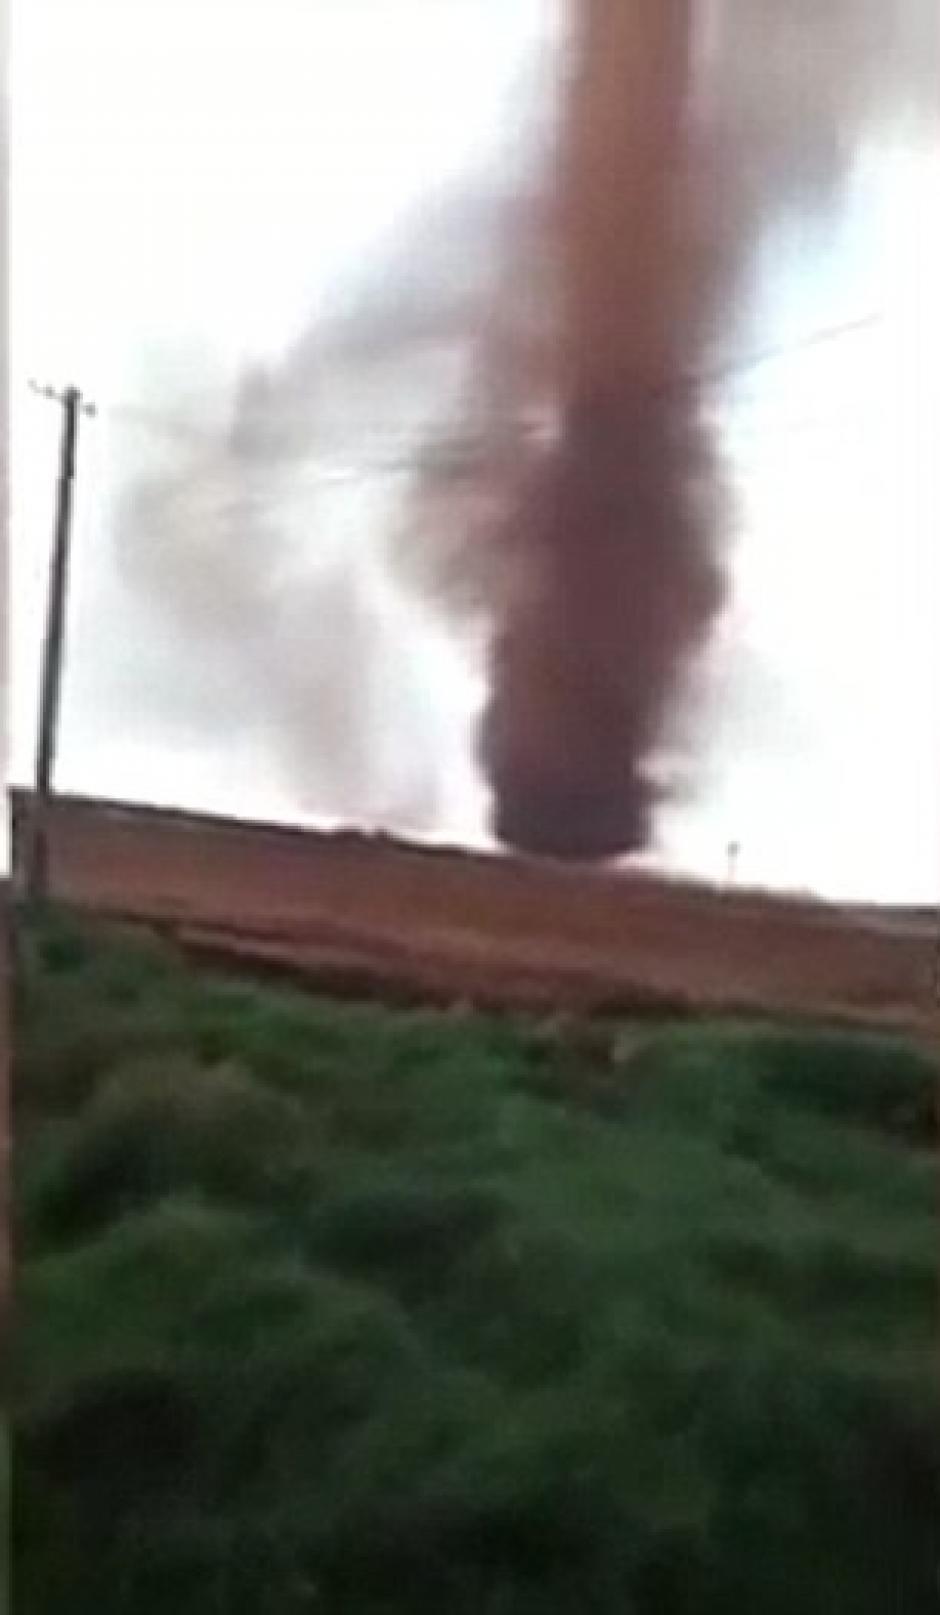 El fenómeno natural fue grabado por un espectador que se encontraba cerca. (Foto: www.dailymail.co.uk/)